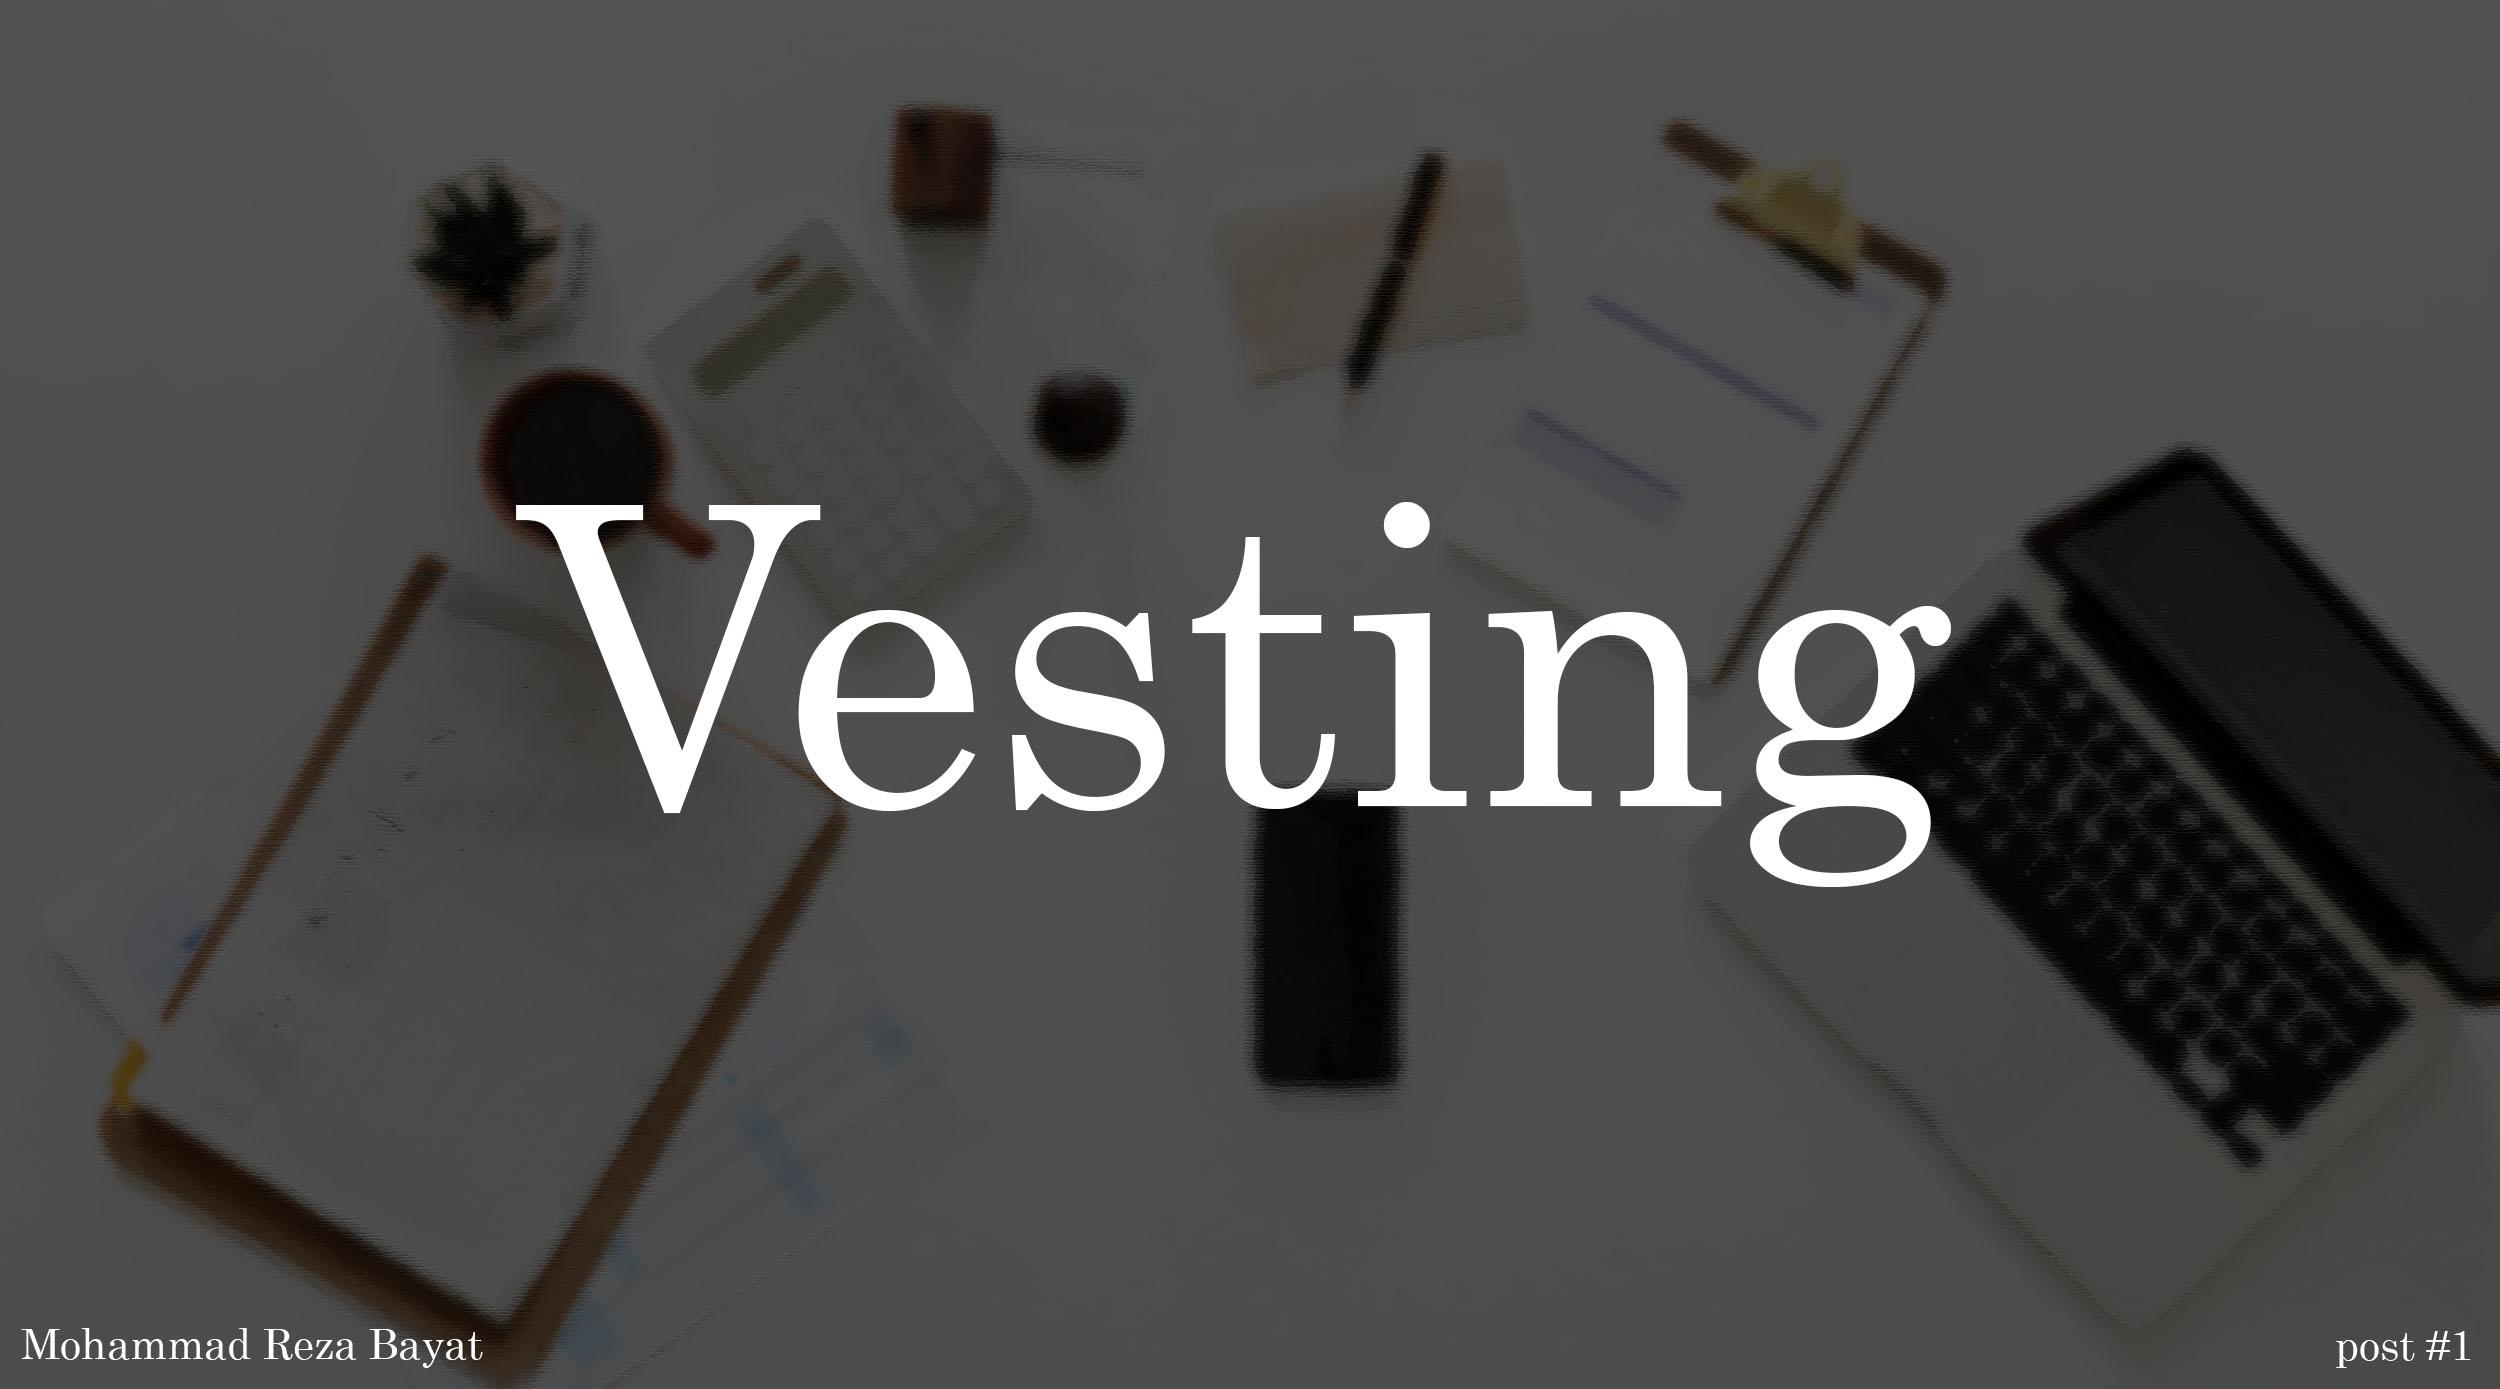 موضوع اعطای سهام (Vesting) در قراردادهای سرمایه گذاری خطرپذیر